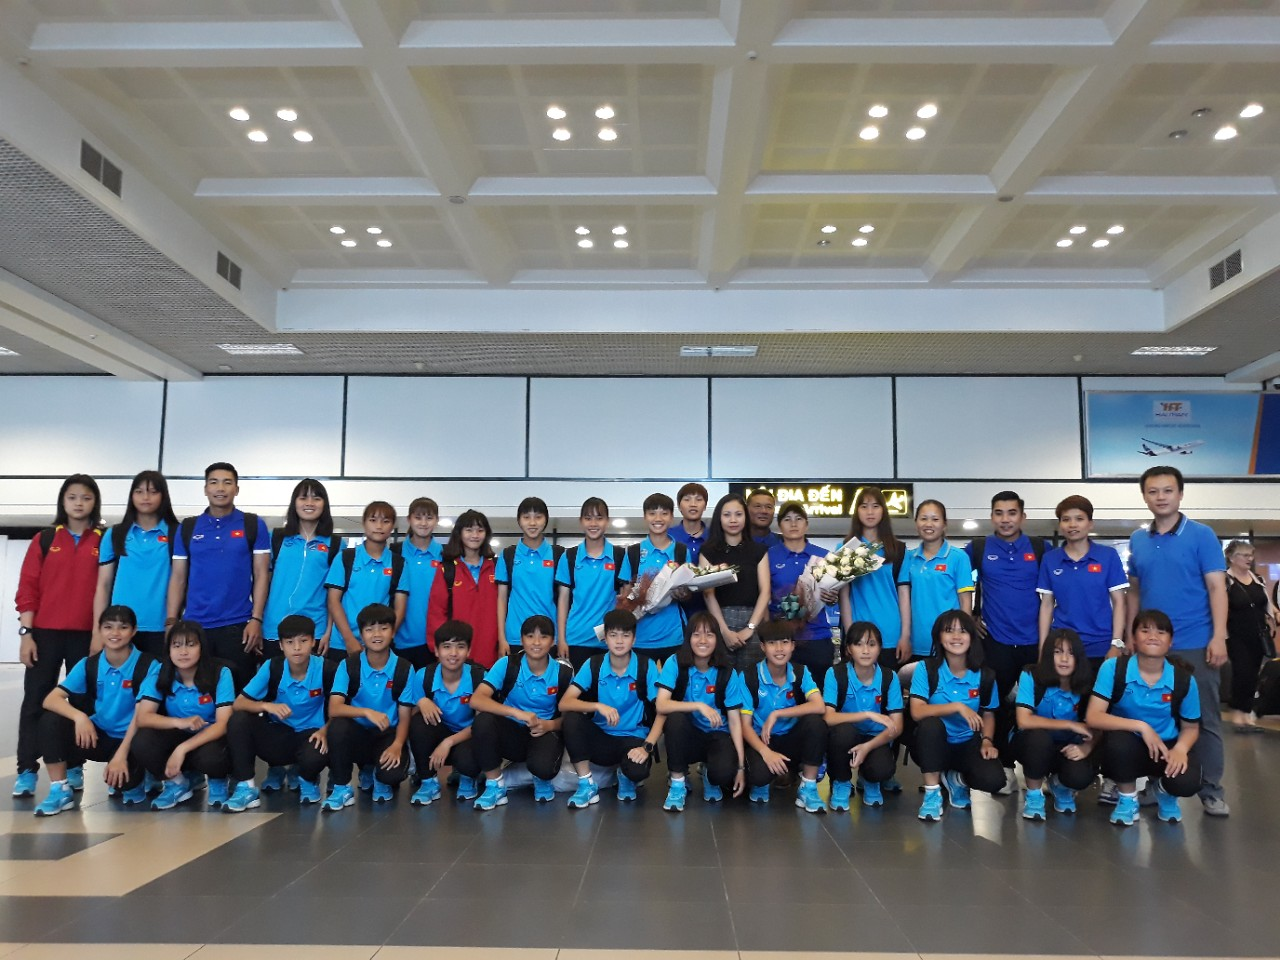 Đội tuyển U16 nữ Việt Nam về nước, kết thúc chuyến thi đấu AFF U16 nữ 2018